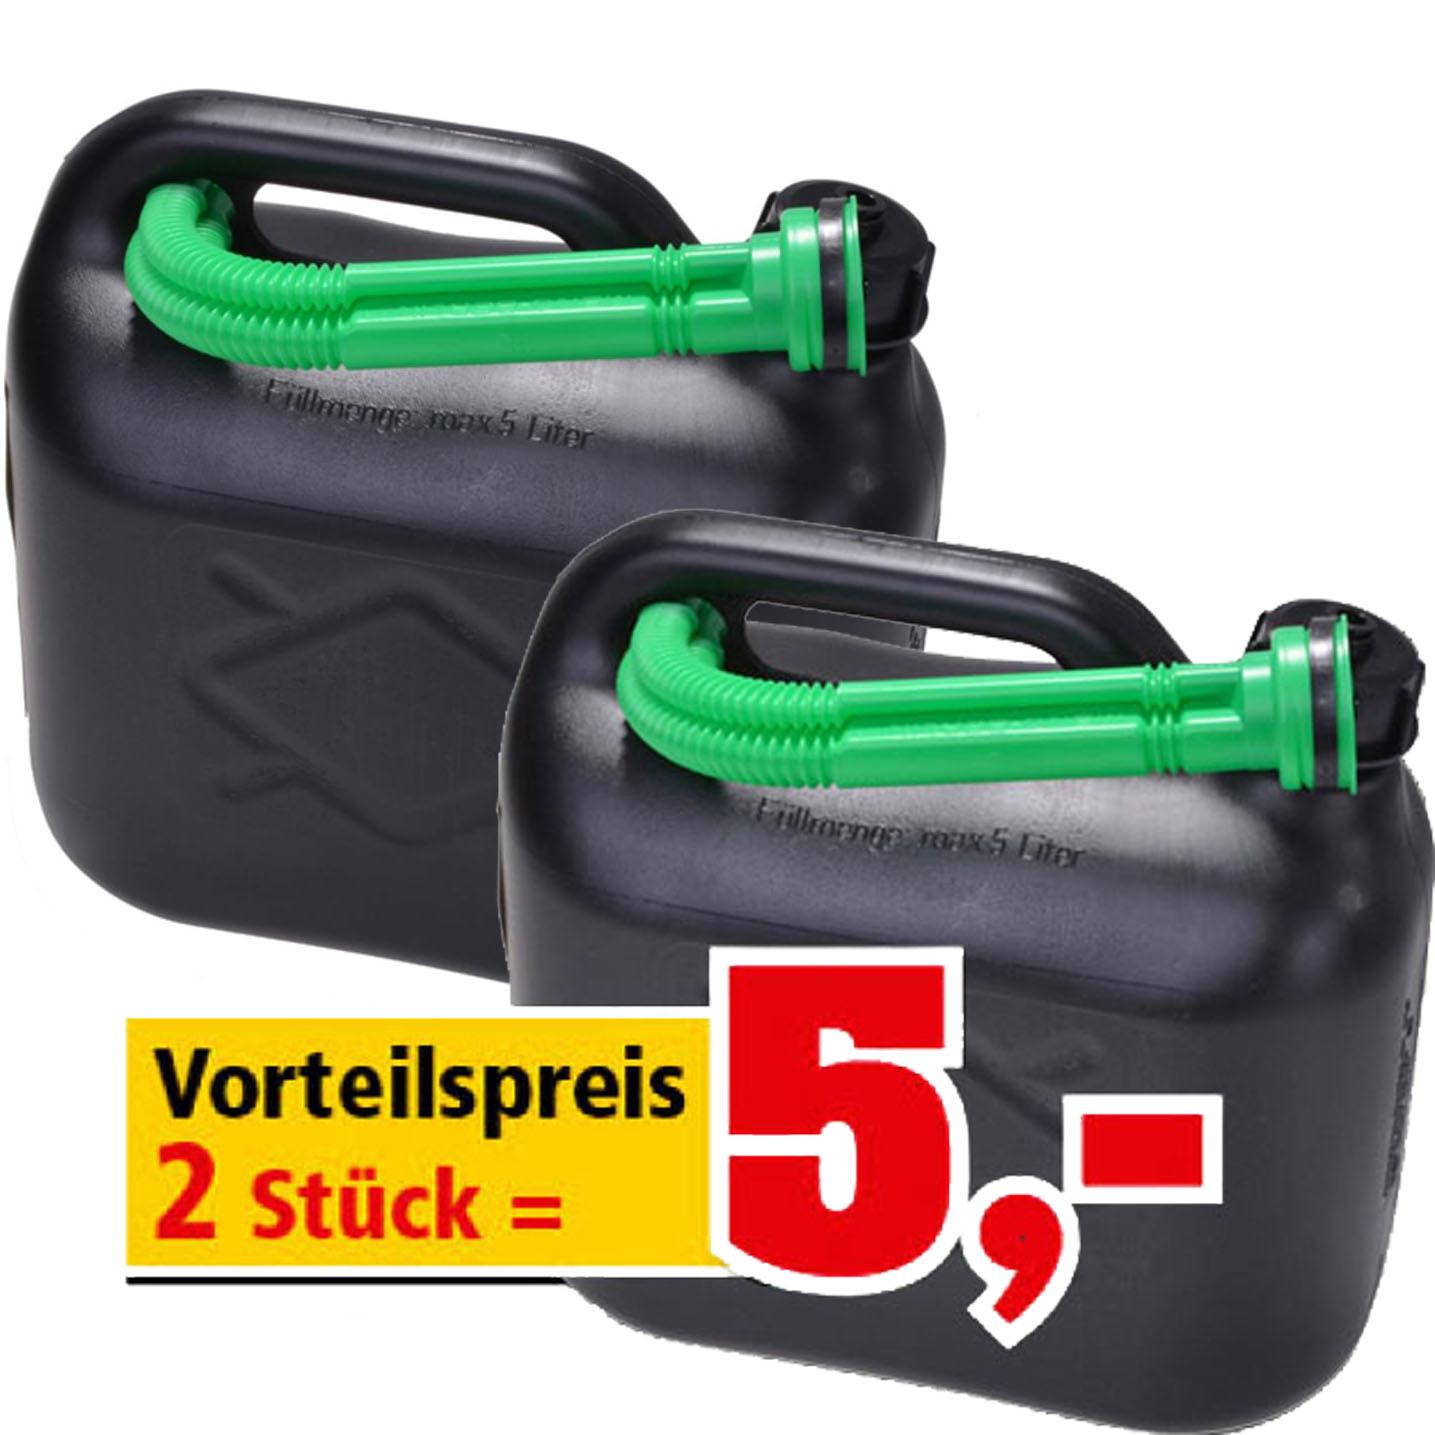 2 Benzinkanister für nur 5 € bei (Thomas Philipps )